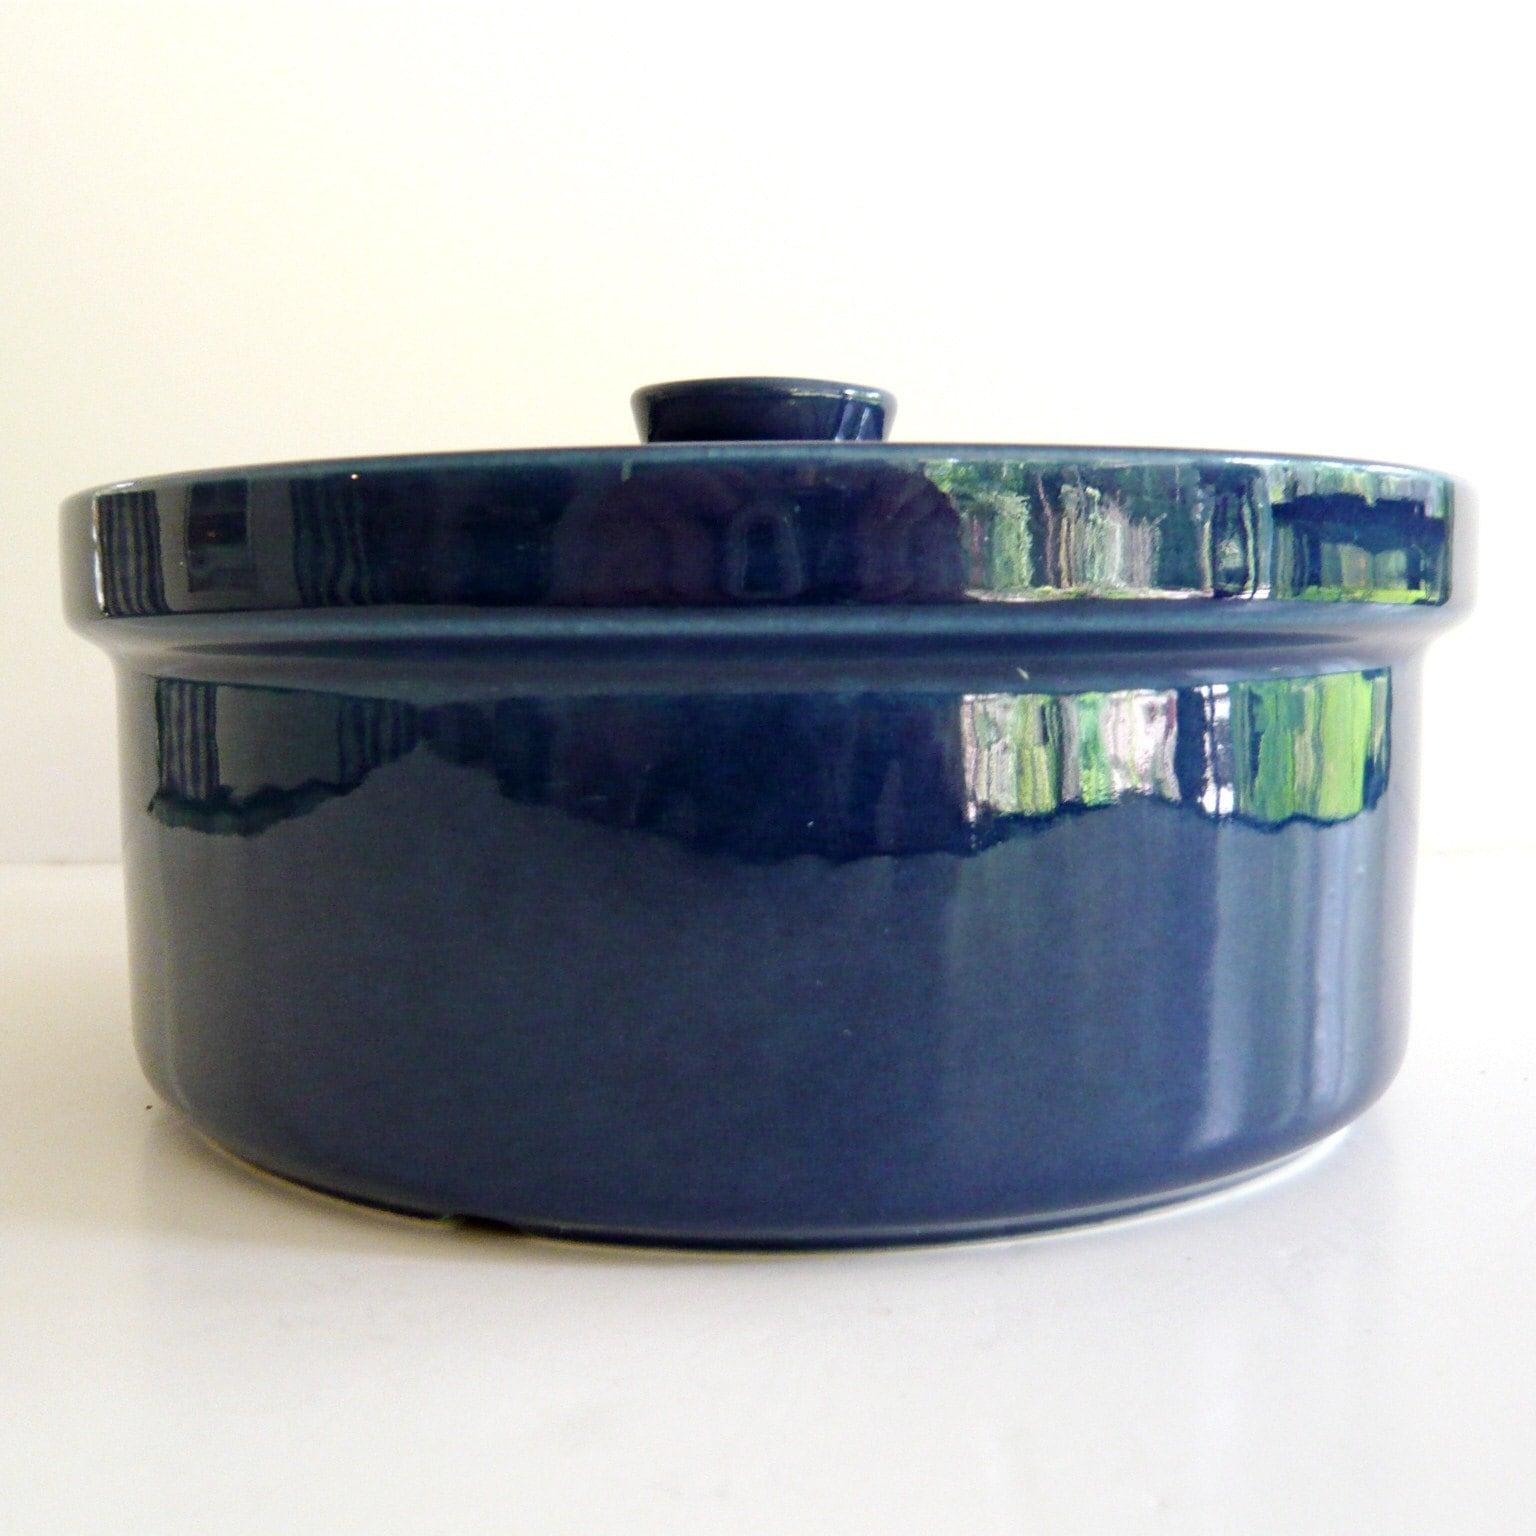 Vintage Blue Pottery Casserole